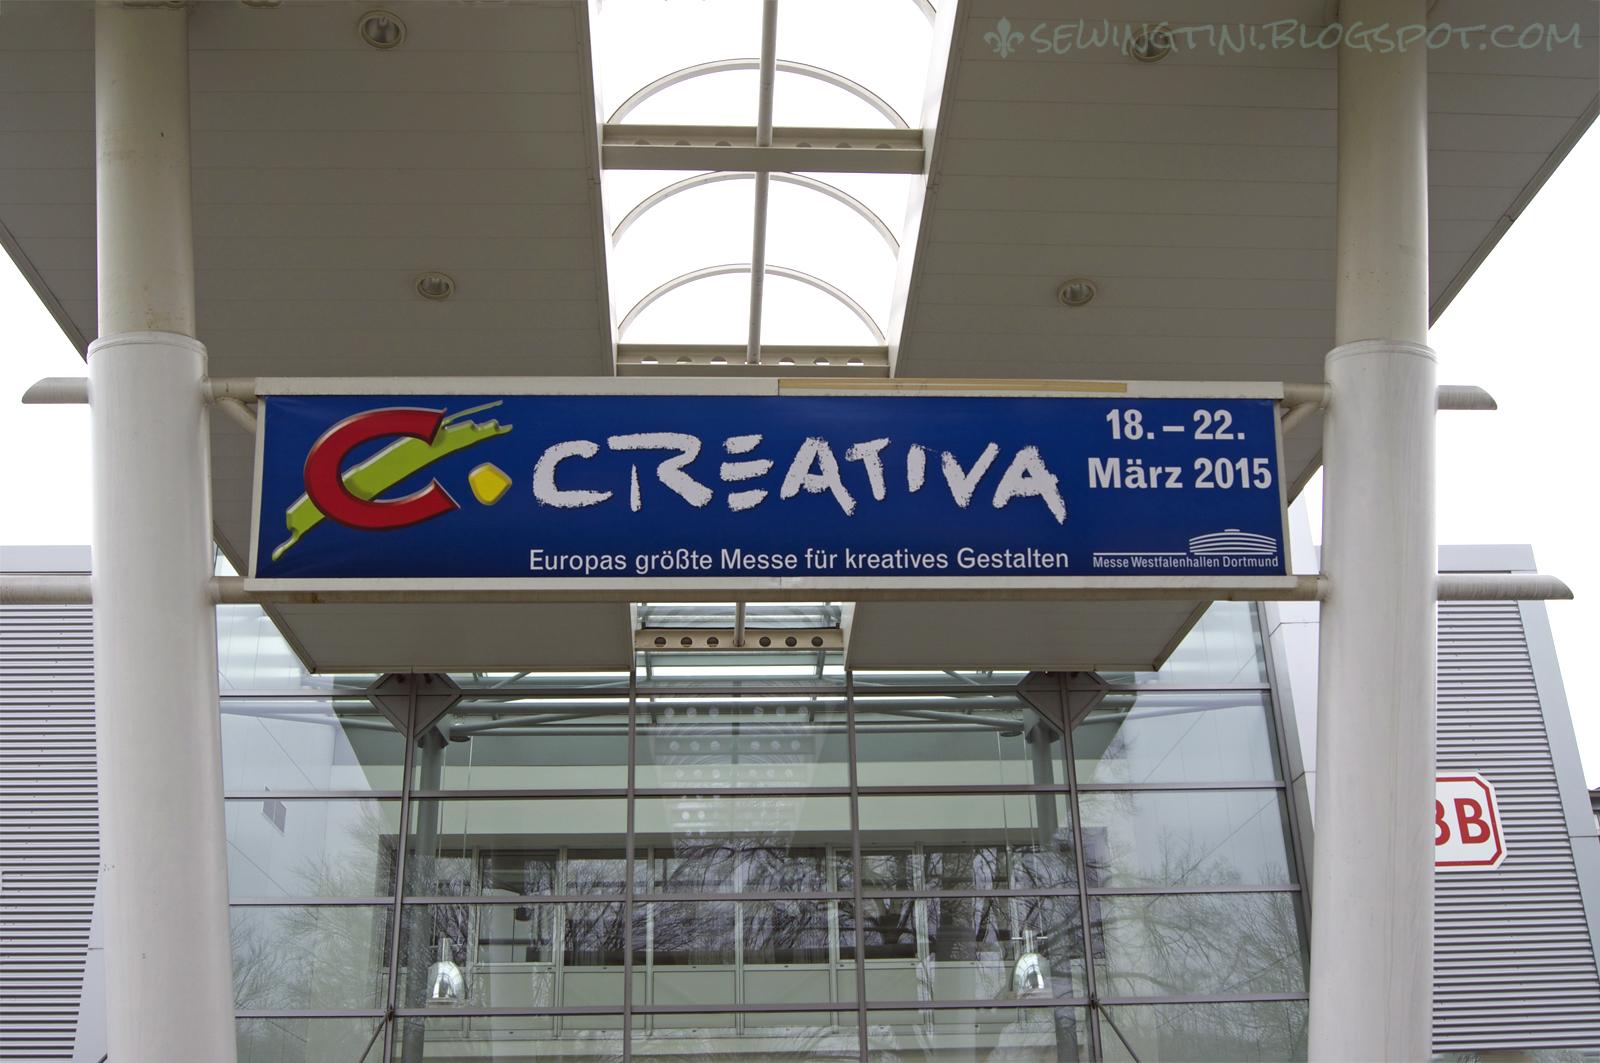 Creativa 2015 - Teil 1